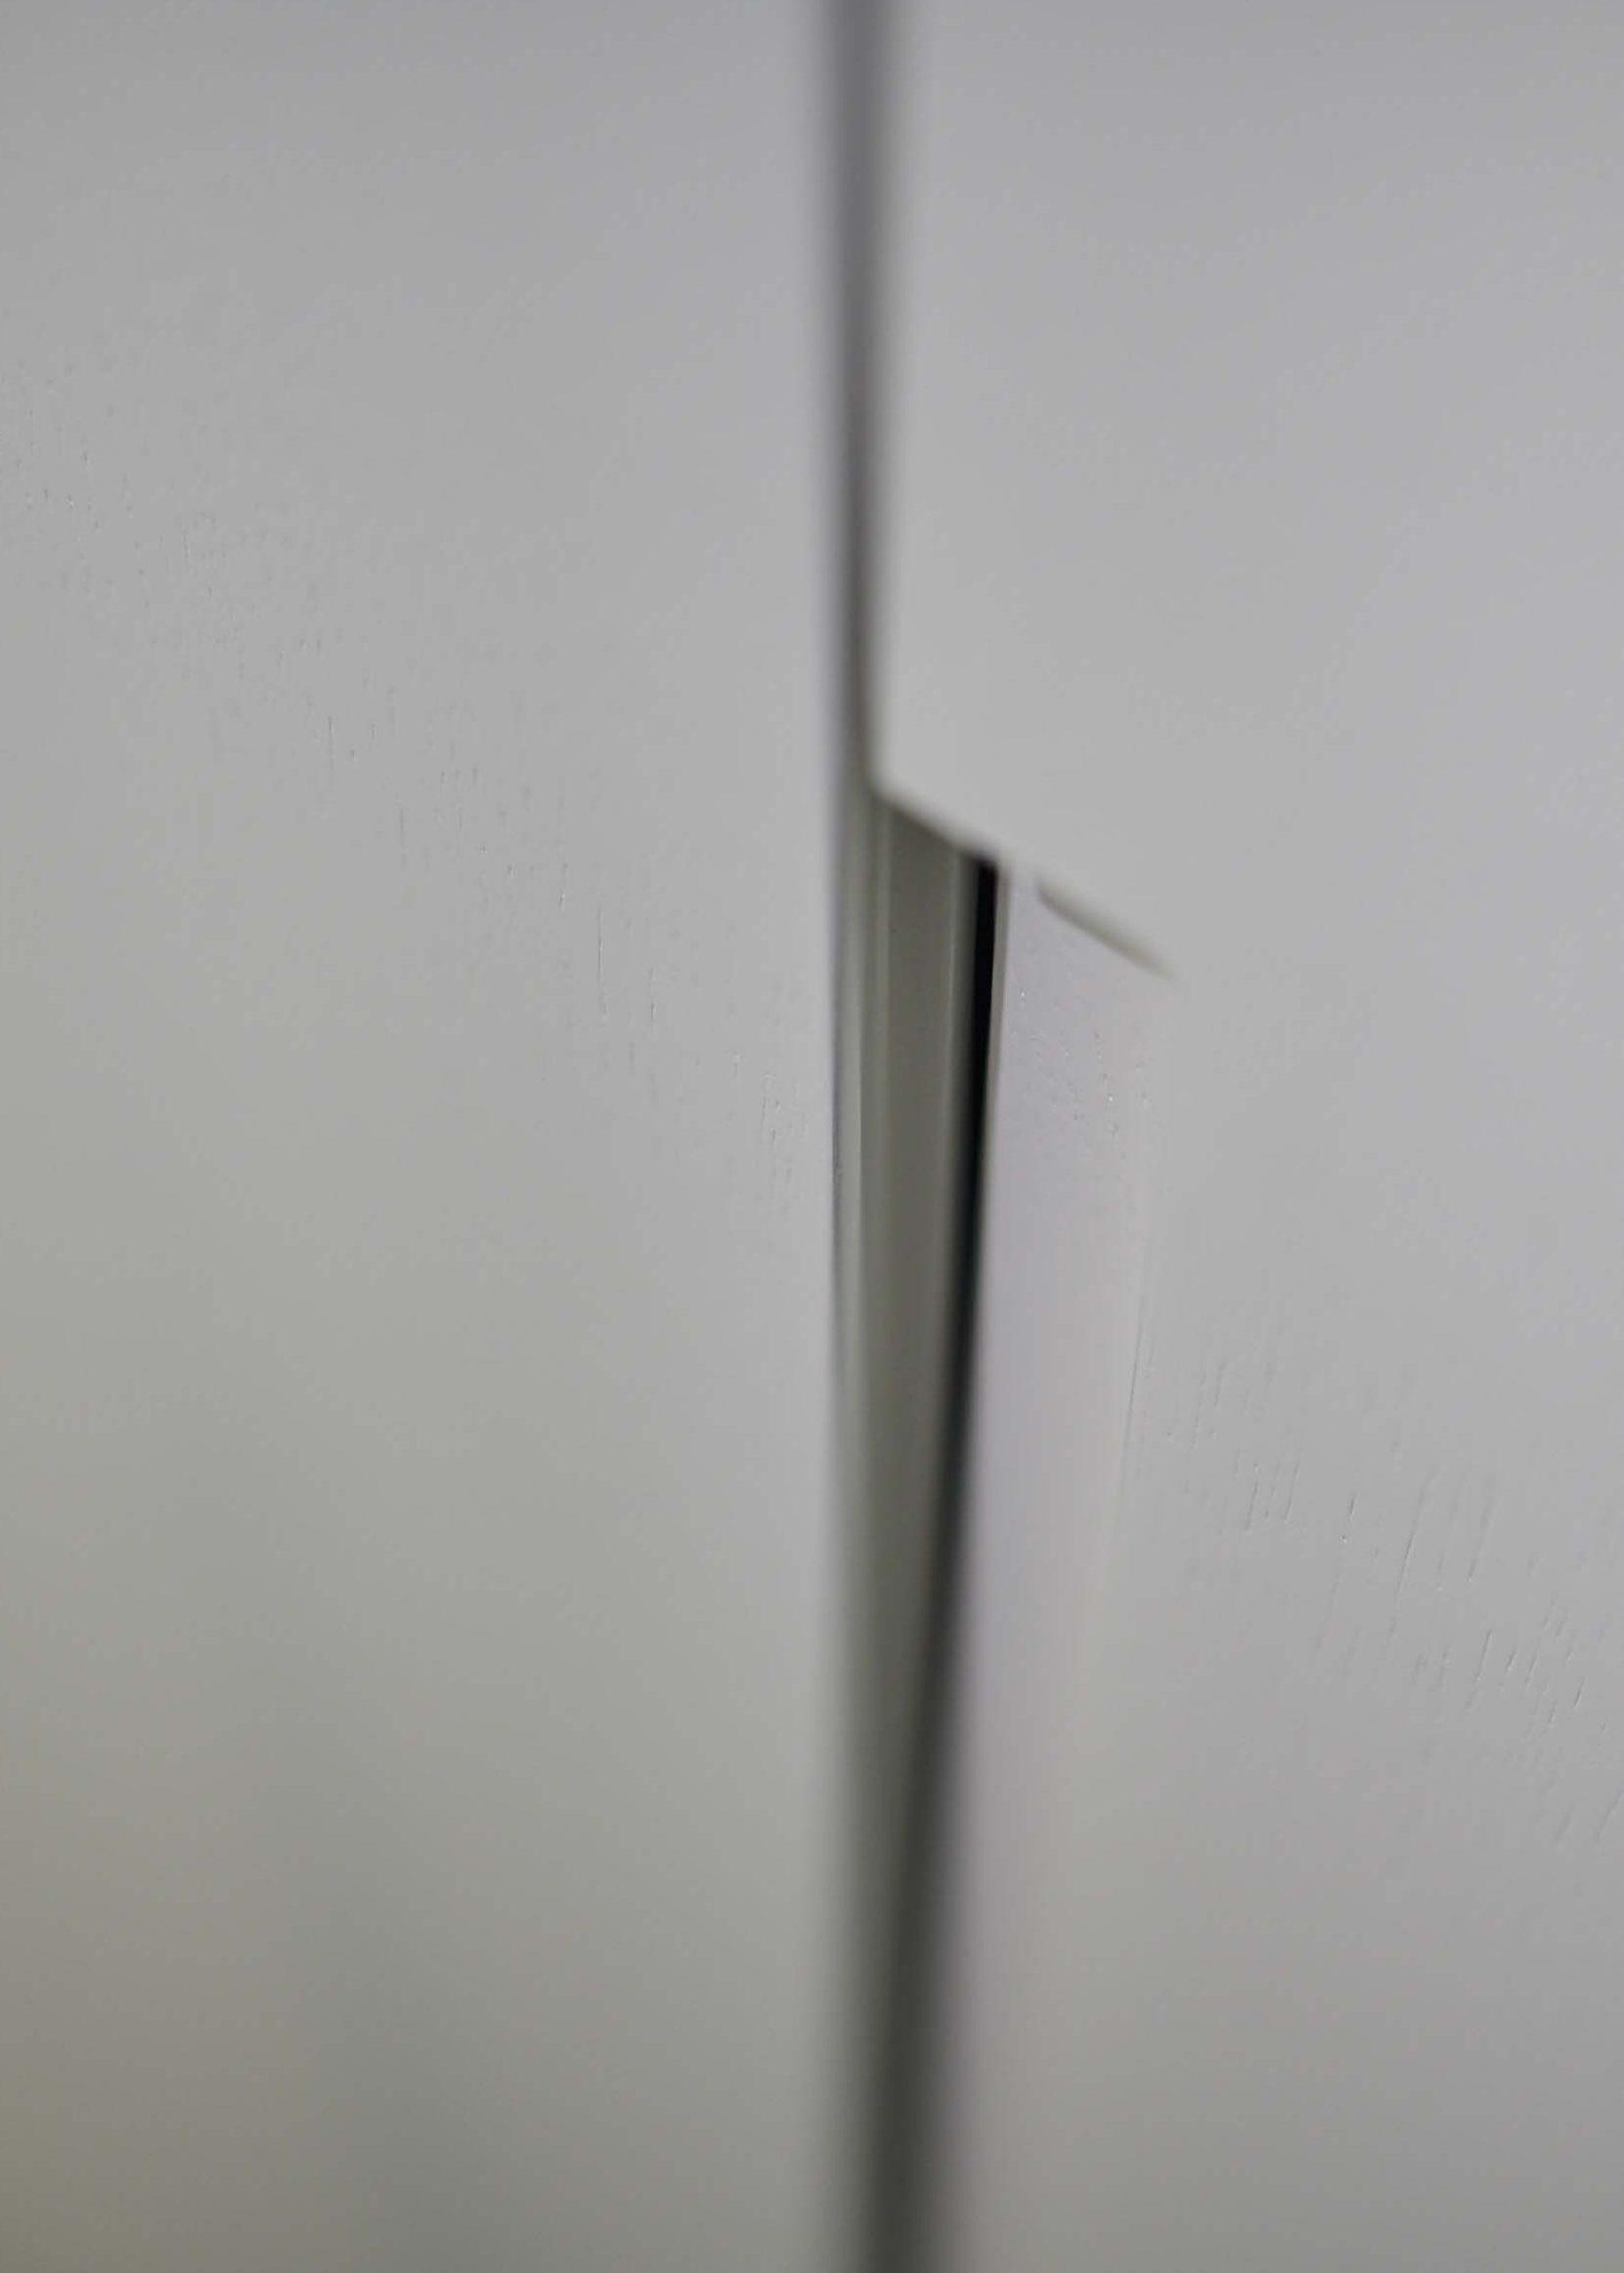 Vanda-projects-interieurinrichting-meubelmakerij-oost-vlaanderen-riem-kier